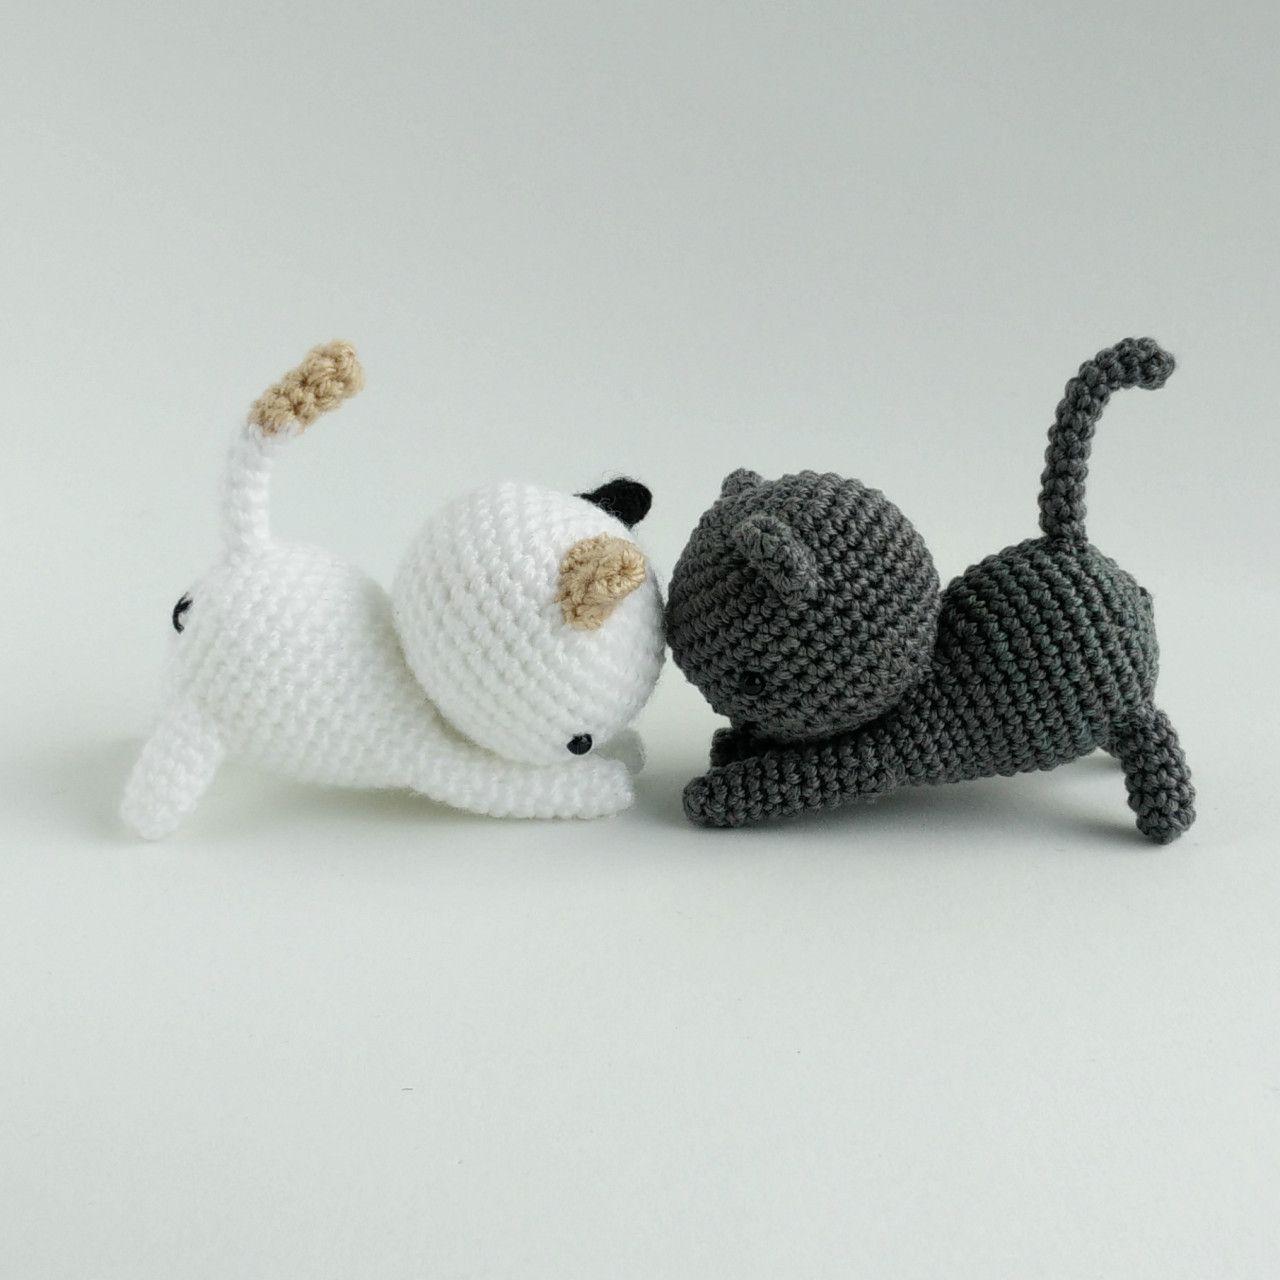 Free pattern: Neko Atsume #2 | Patrones amigurumi, Patrones y Gato